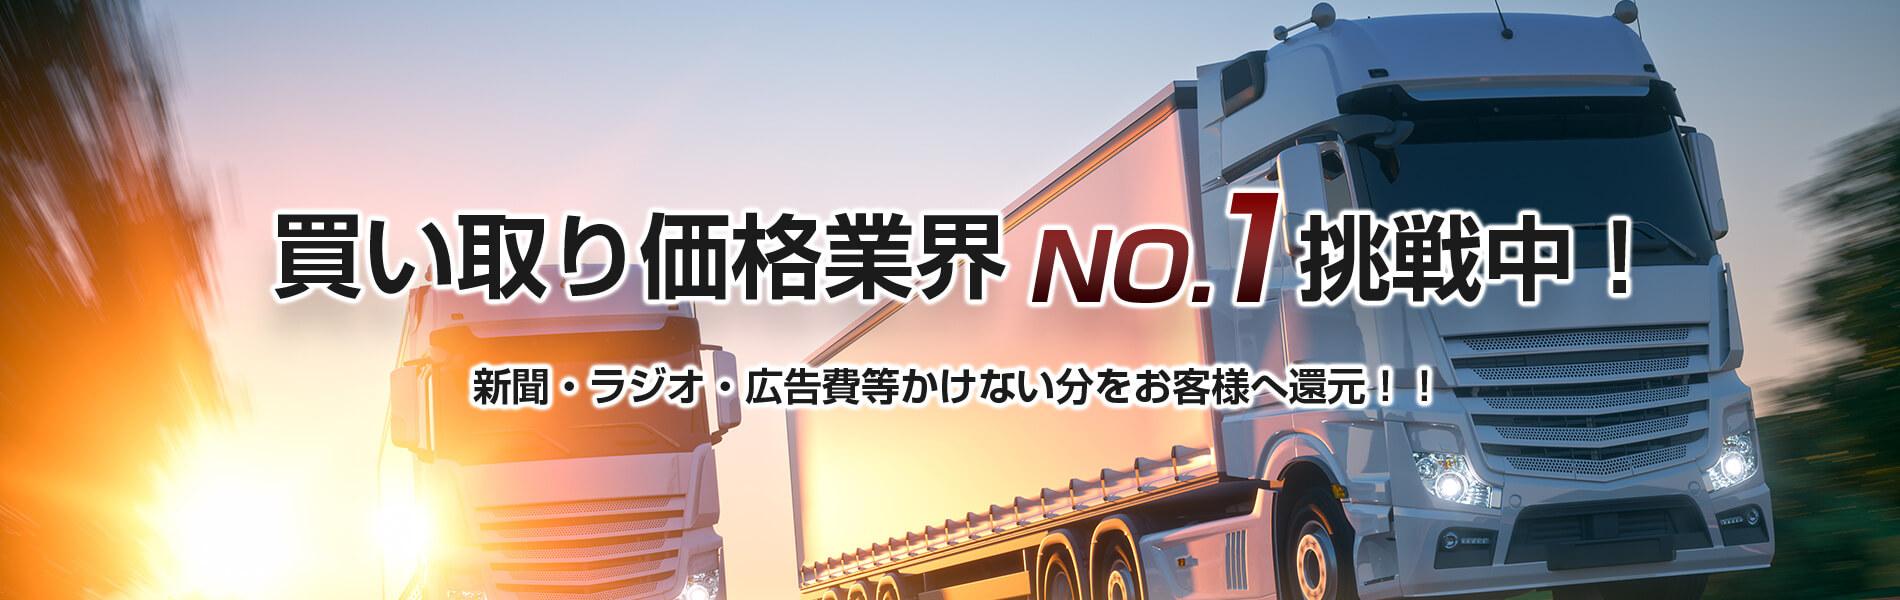 買取価格業界no.1挑戦中!新聞・ラジオ広告費などをかけない分をお客様へ還元!!